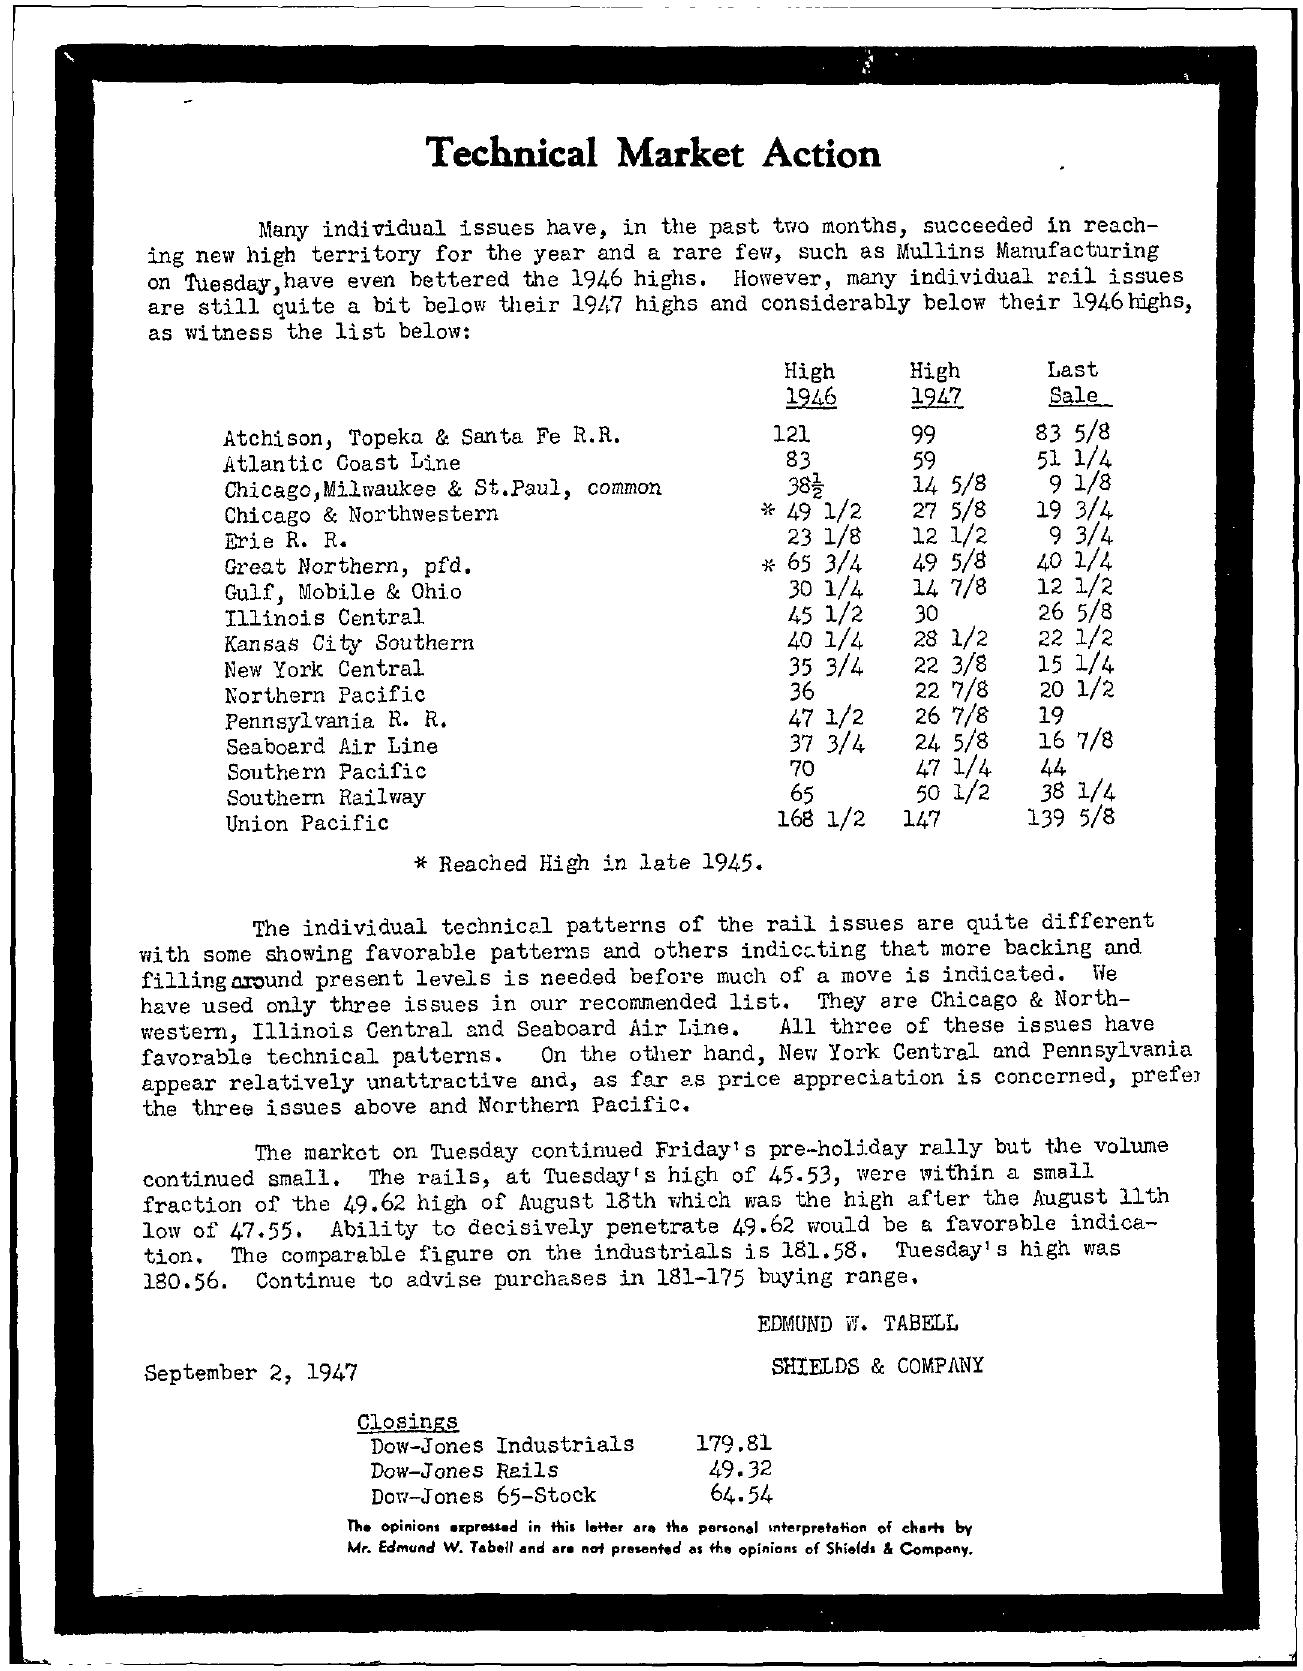 Tabell's Market Letter - September 02, 1947